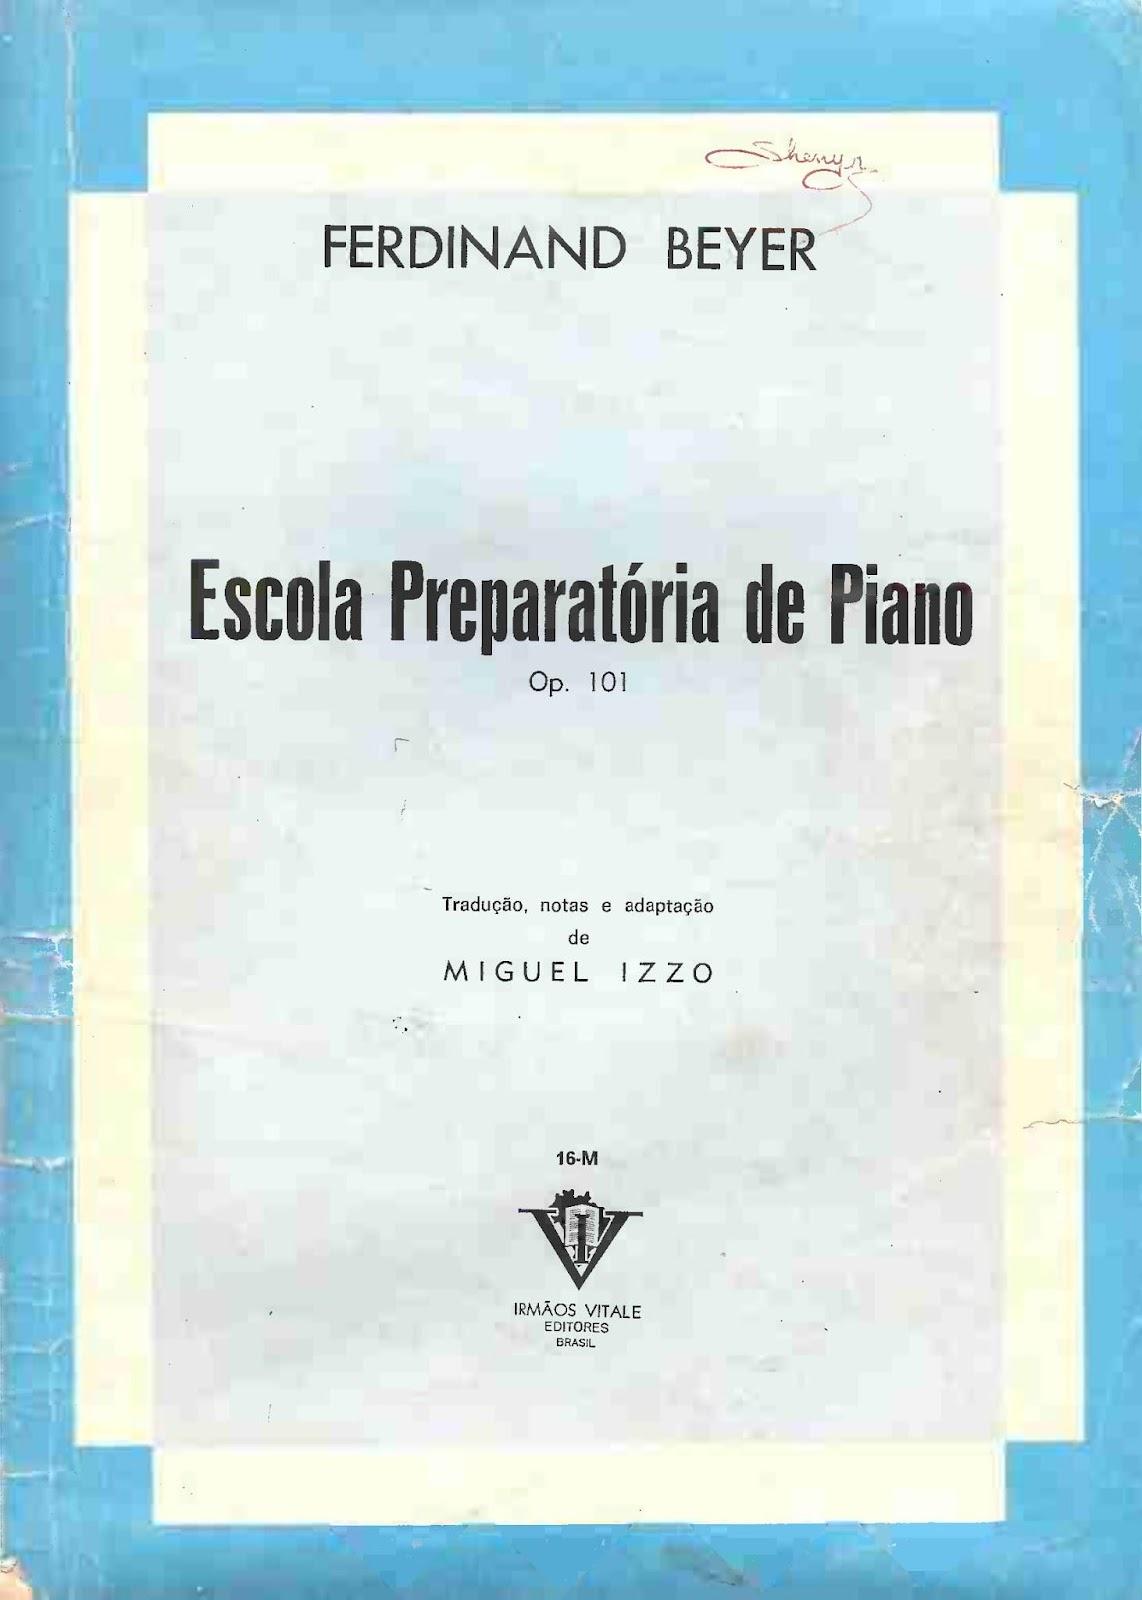 دانلود کتاب آموزش پیانو فردیناند بیر اپوس ۱۰۱